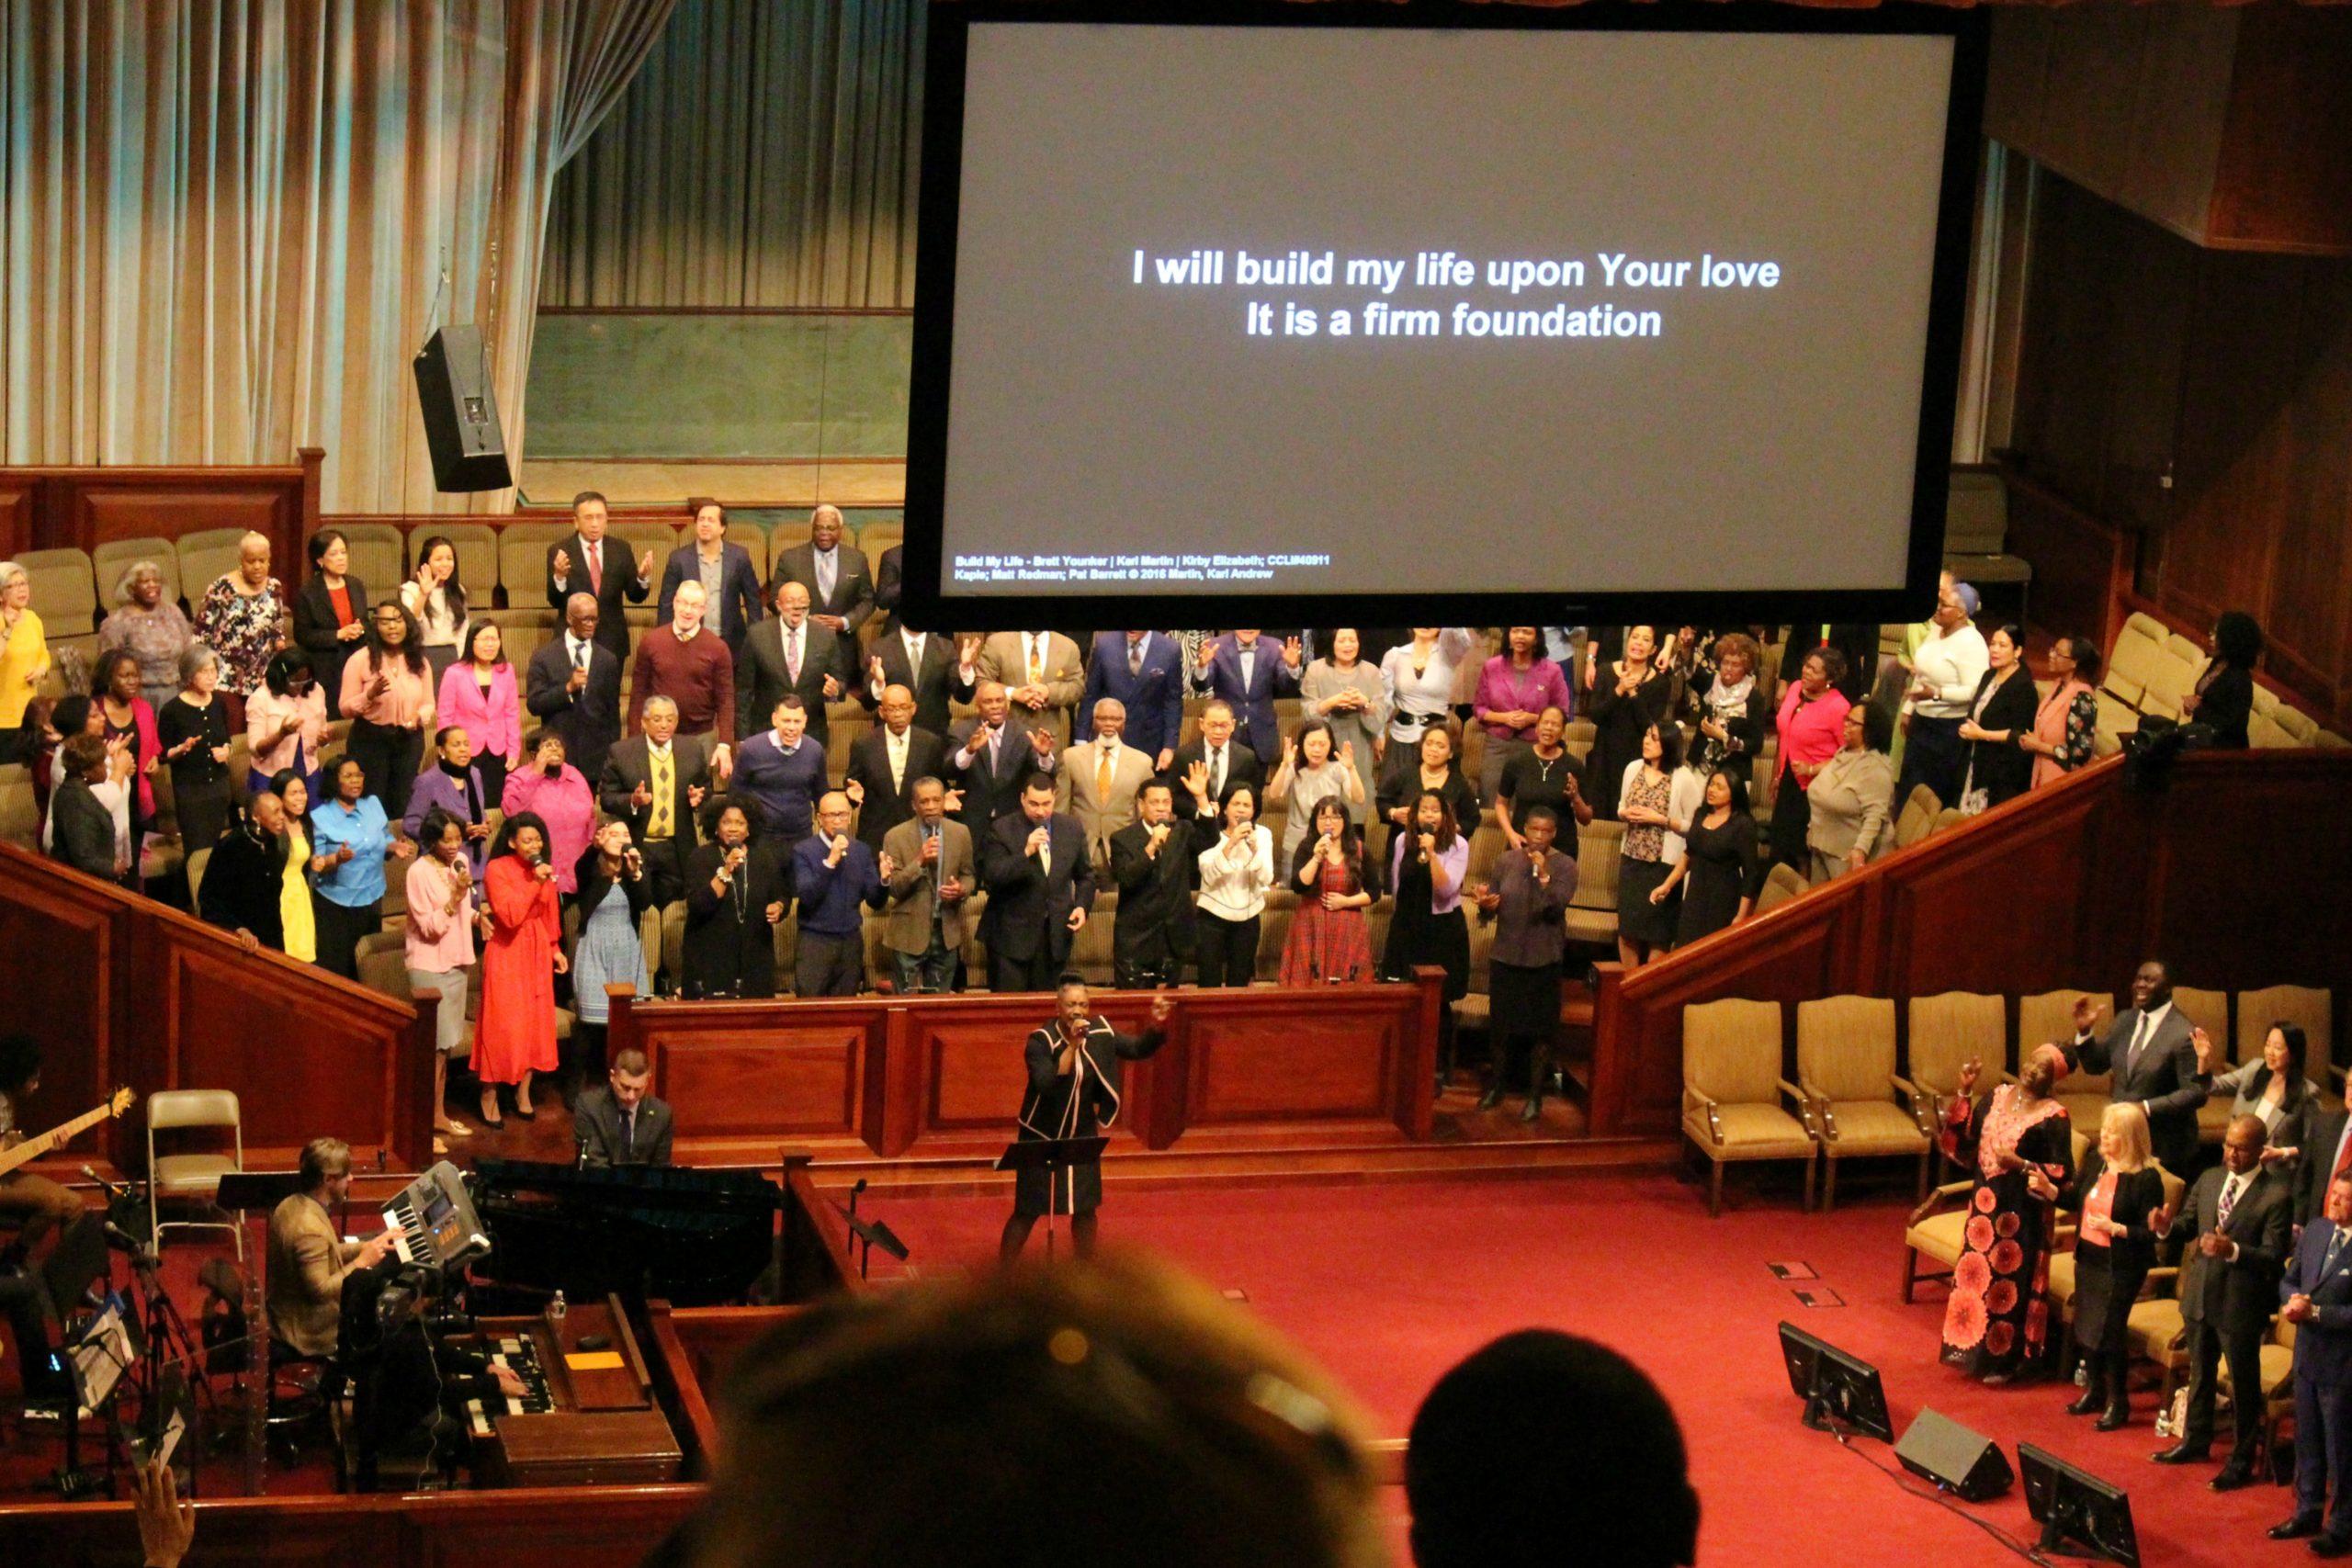 Messa gospel a New York. Come scegliere la migliore.